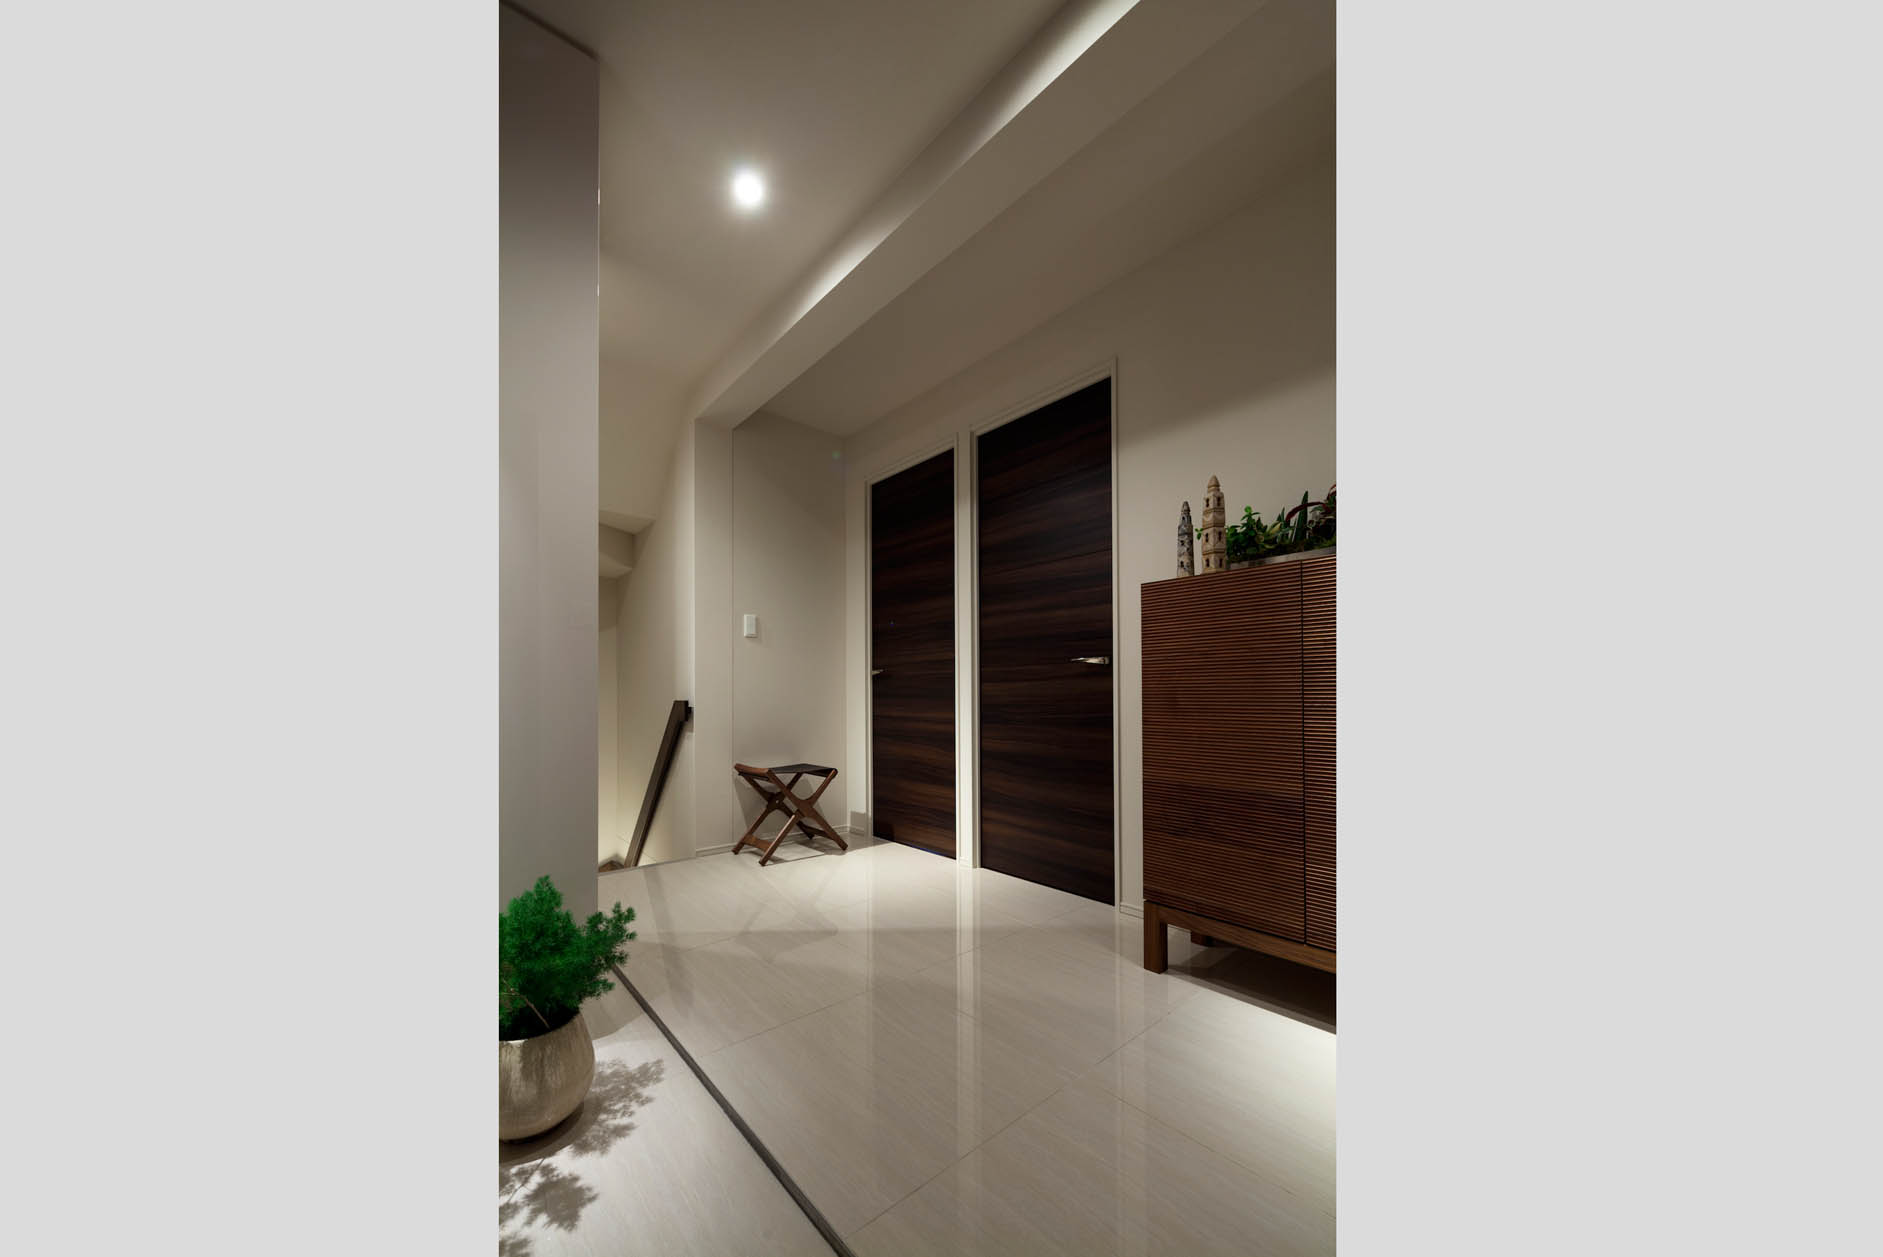 質感にこだわった高級感溢れるタイル貼りの玄関。 イメージ